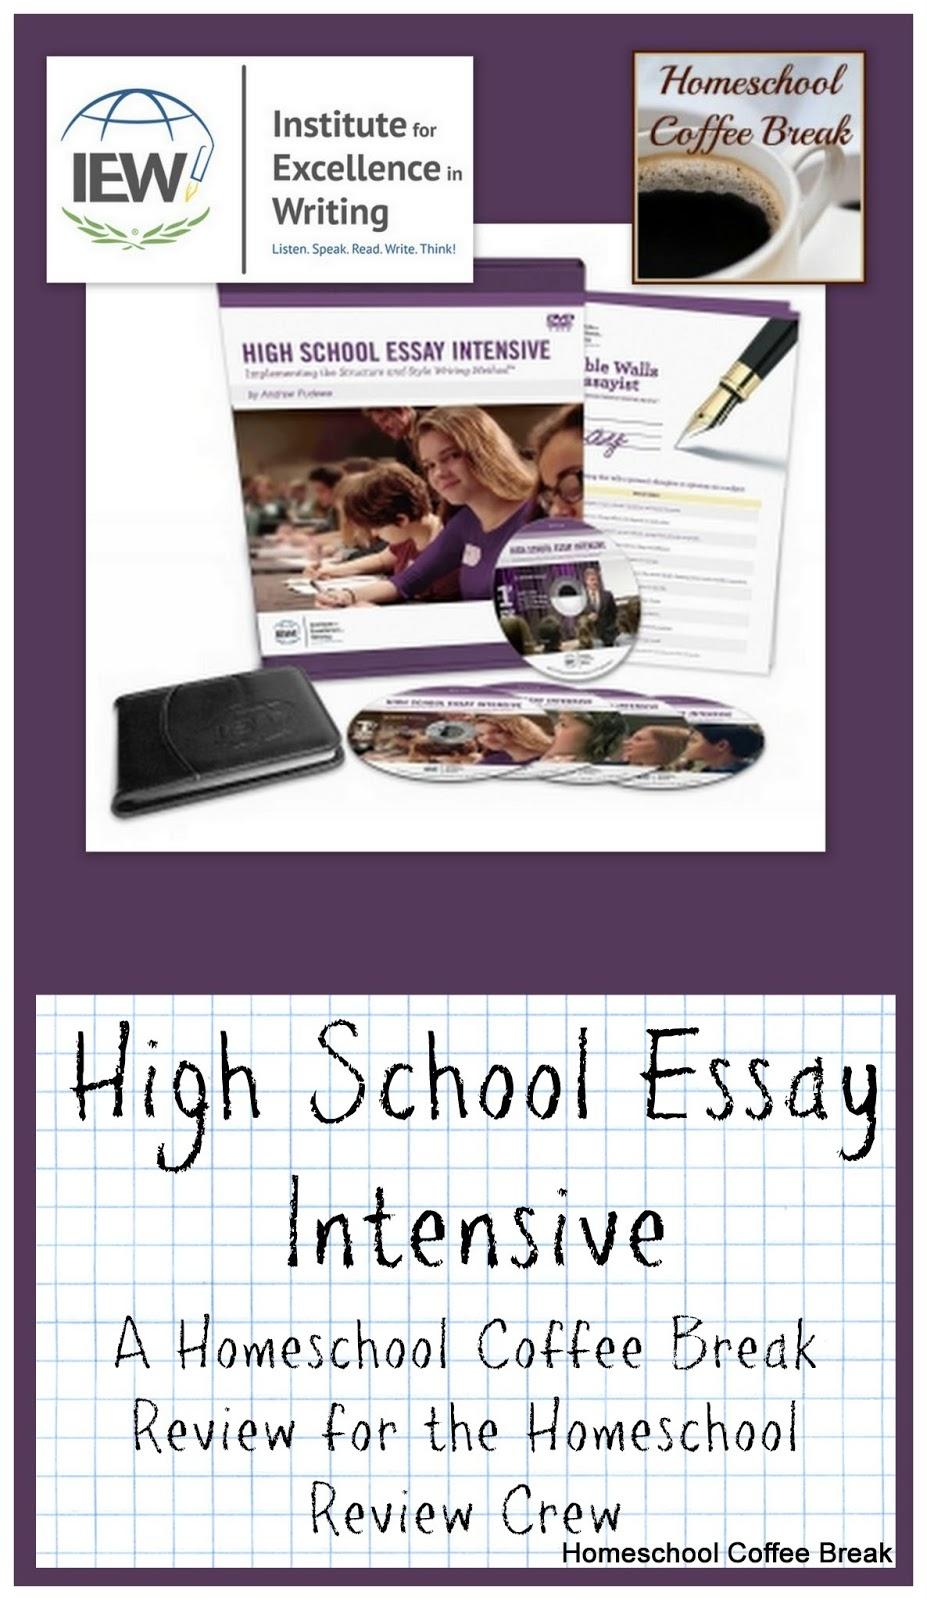 High School Essay Intensive